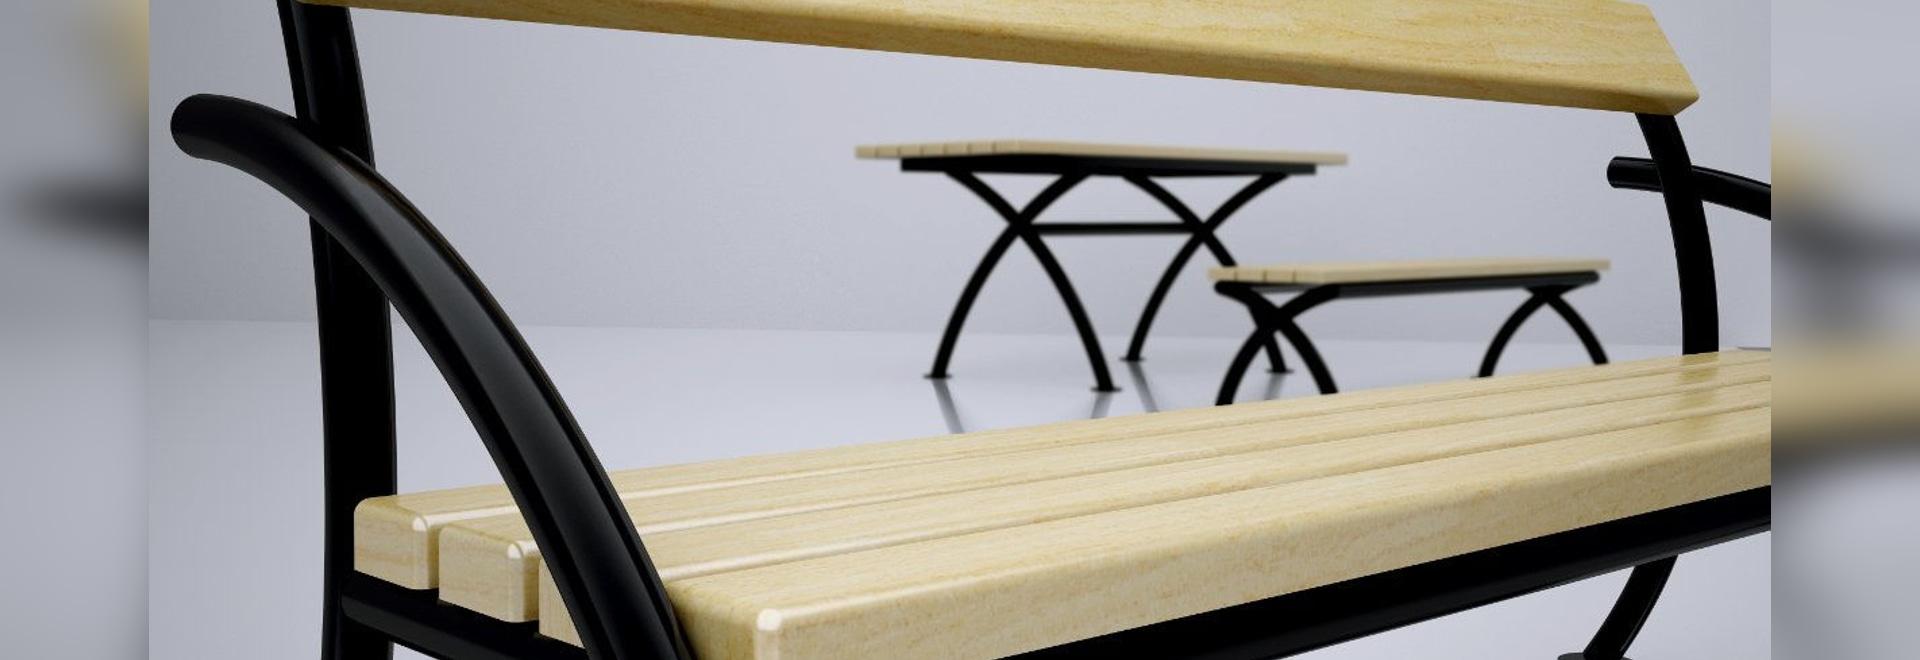 Contemporáneo Muebles Banco Público Foto - Muebles Para Ideas de ...